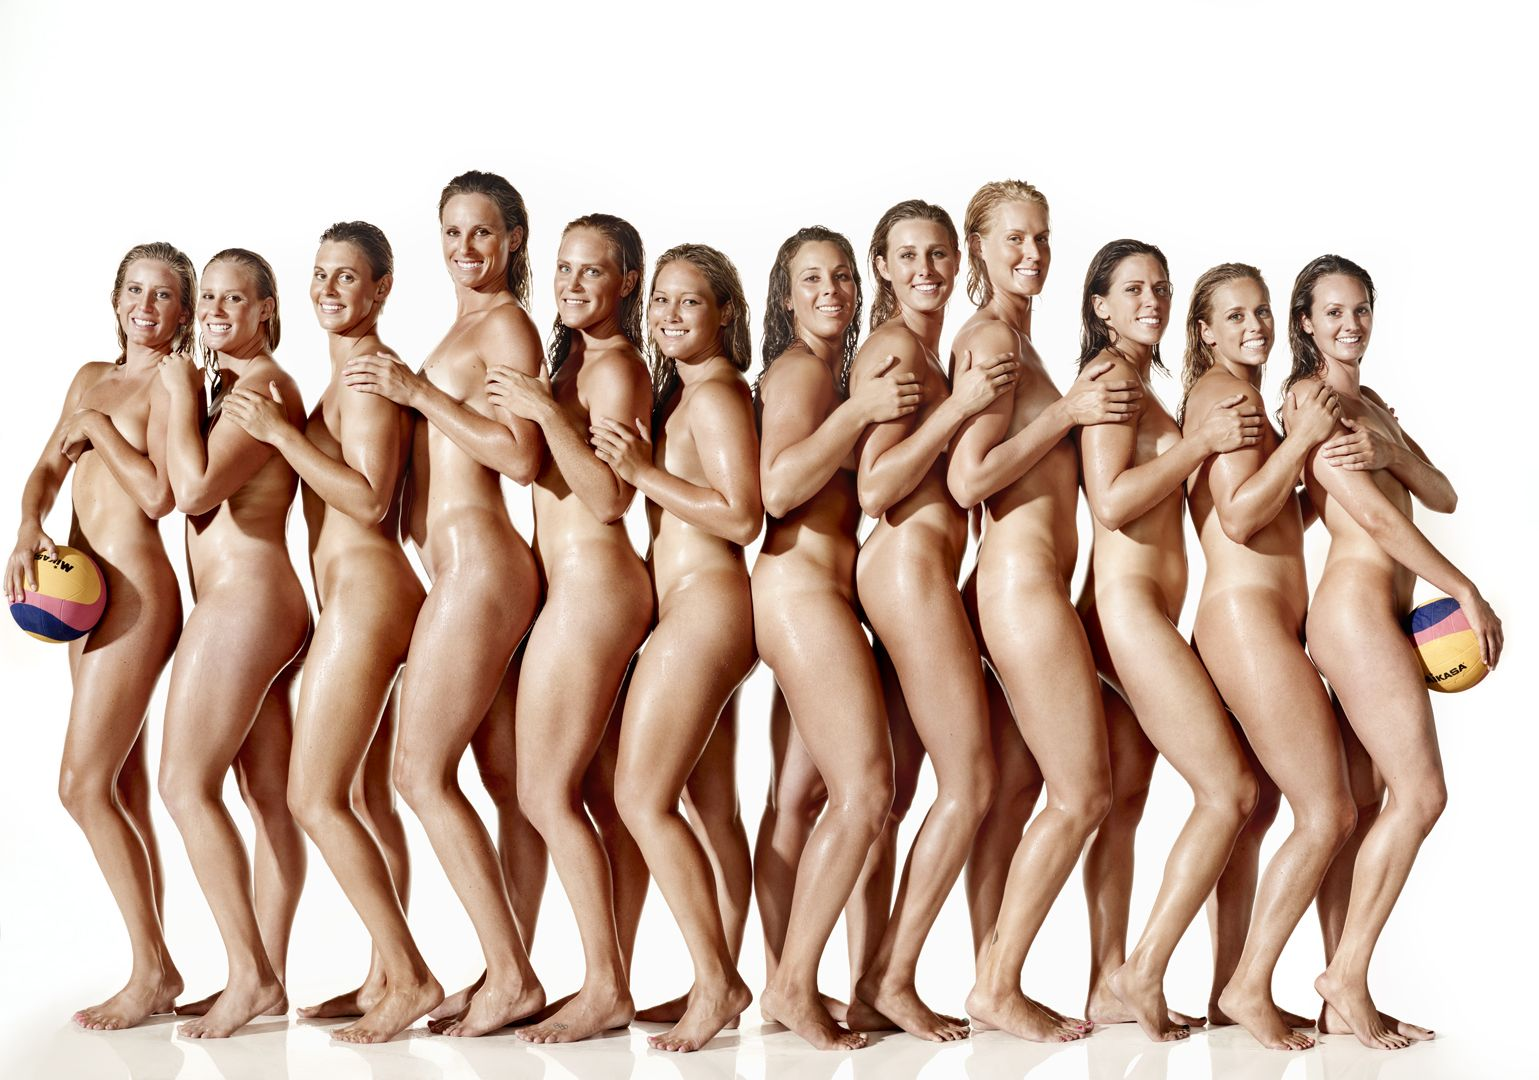 Espn body issue women